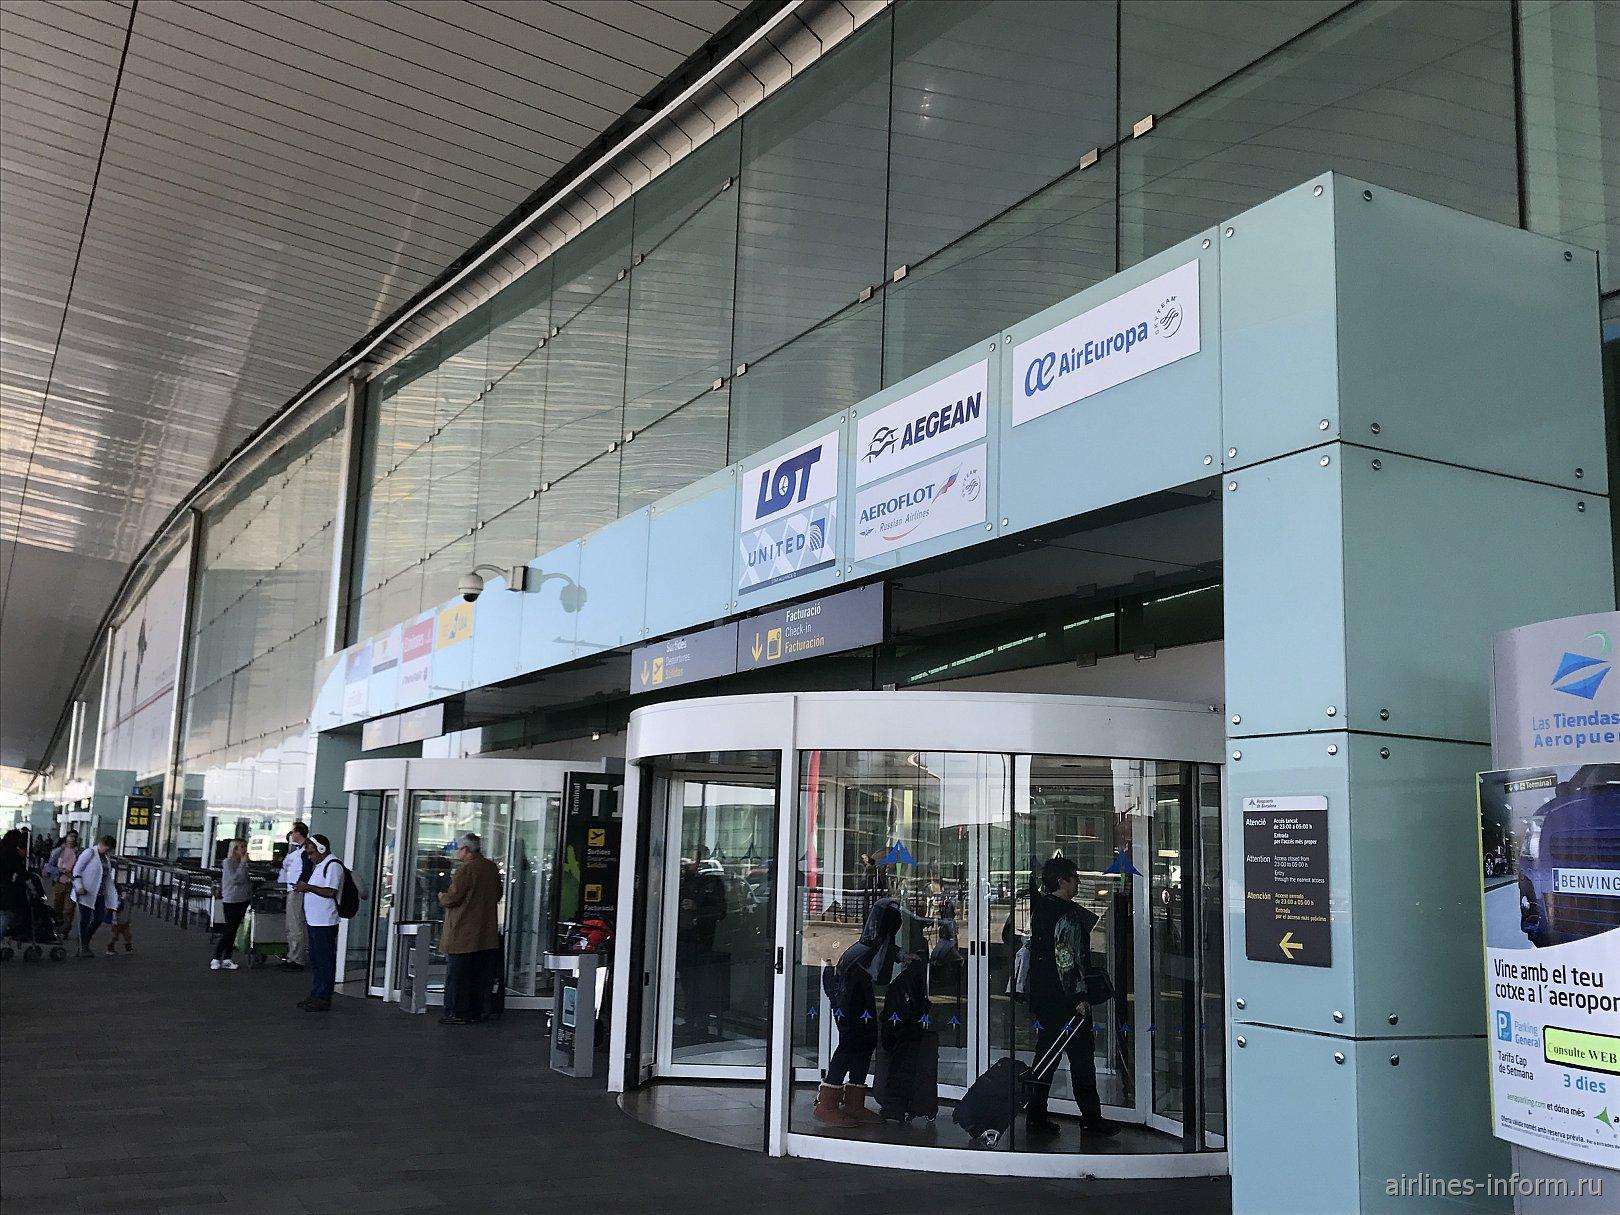 Вход в терминал 1 аэропорта Барселоны